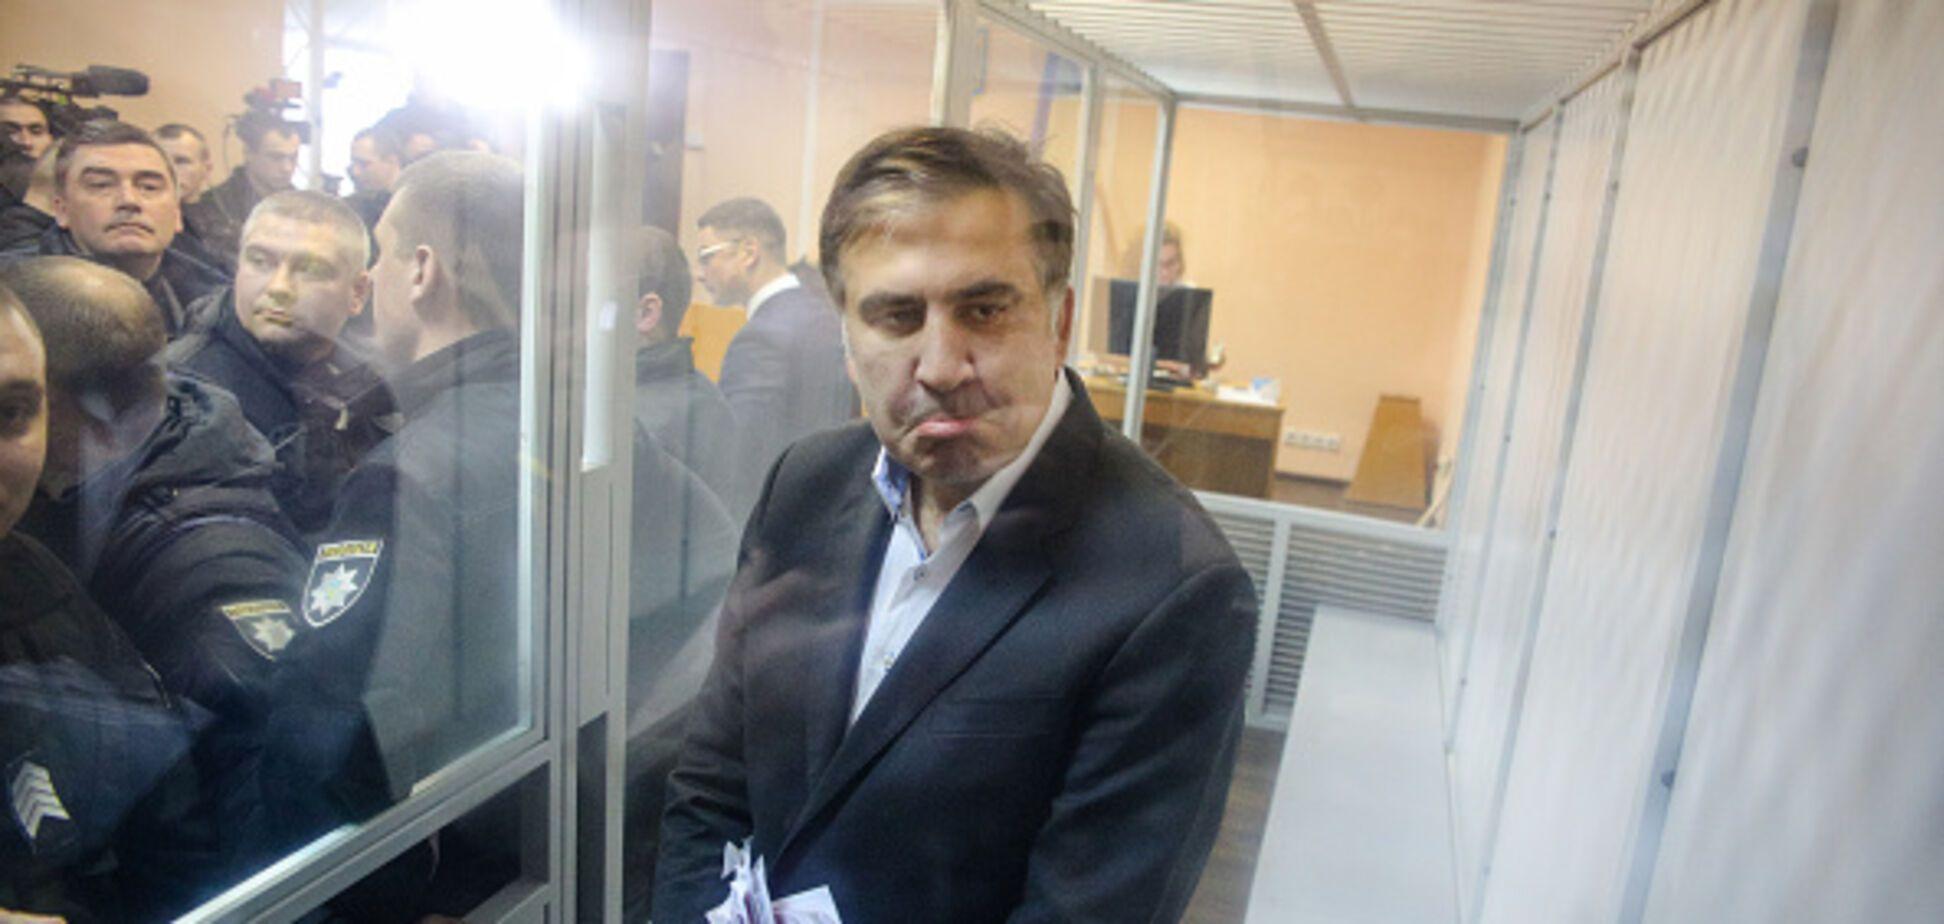 Есть еще пленки: ГПУ припугнула Саакашвили новыми доказательствами